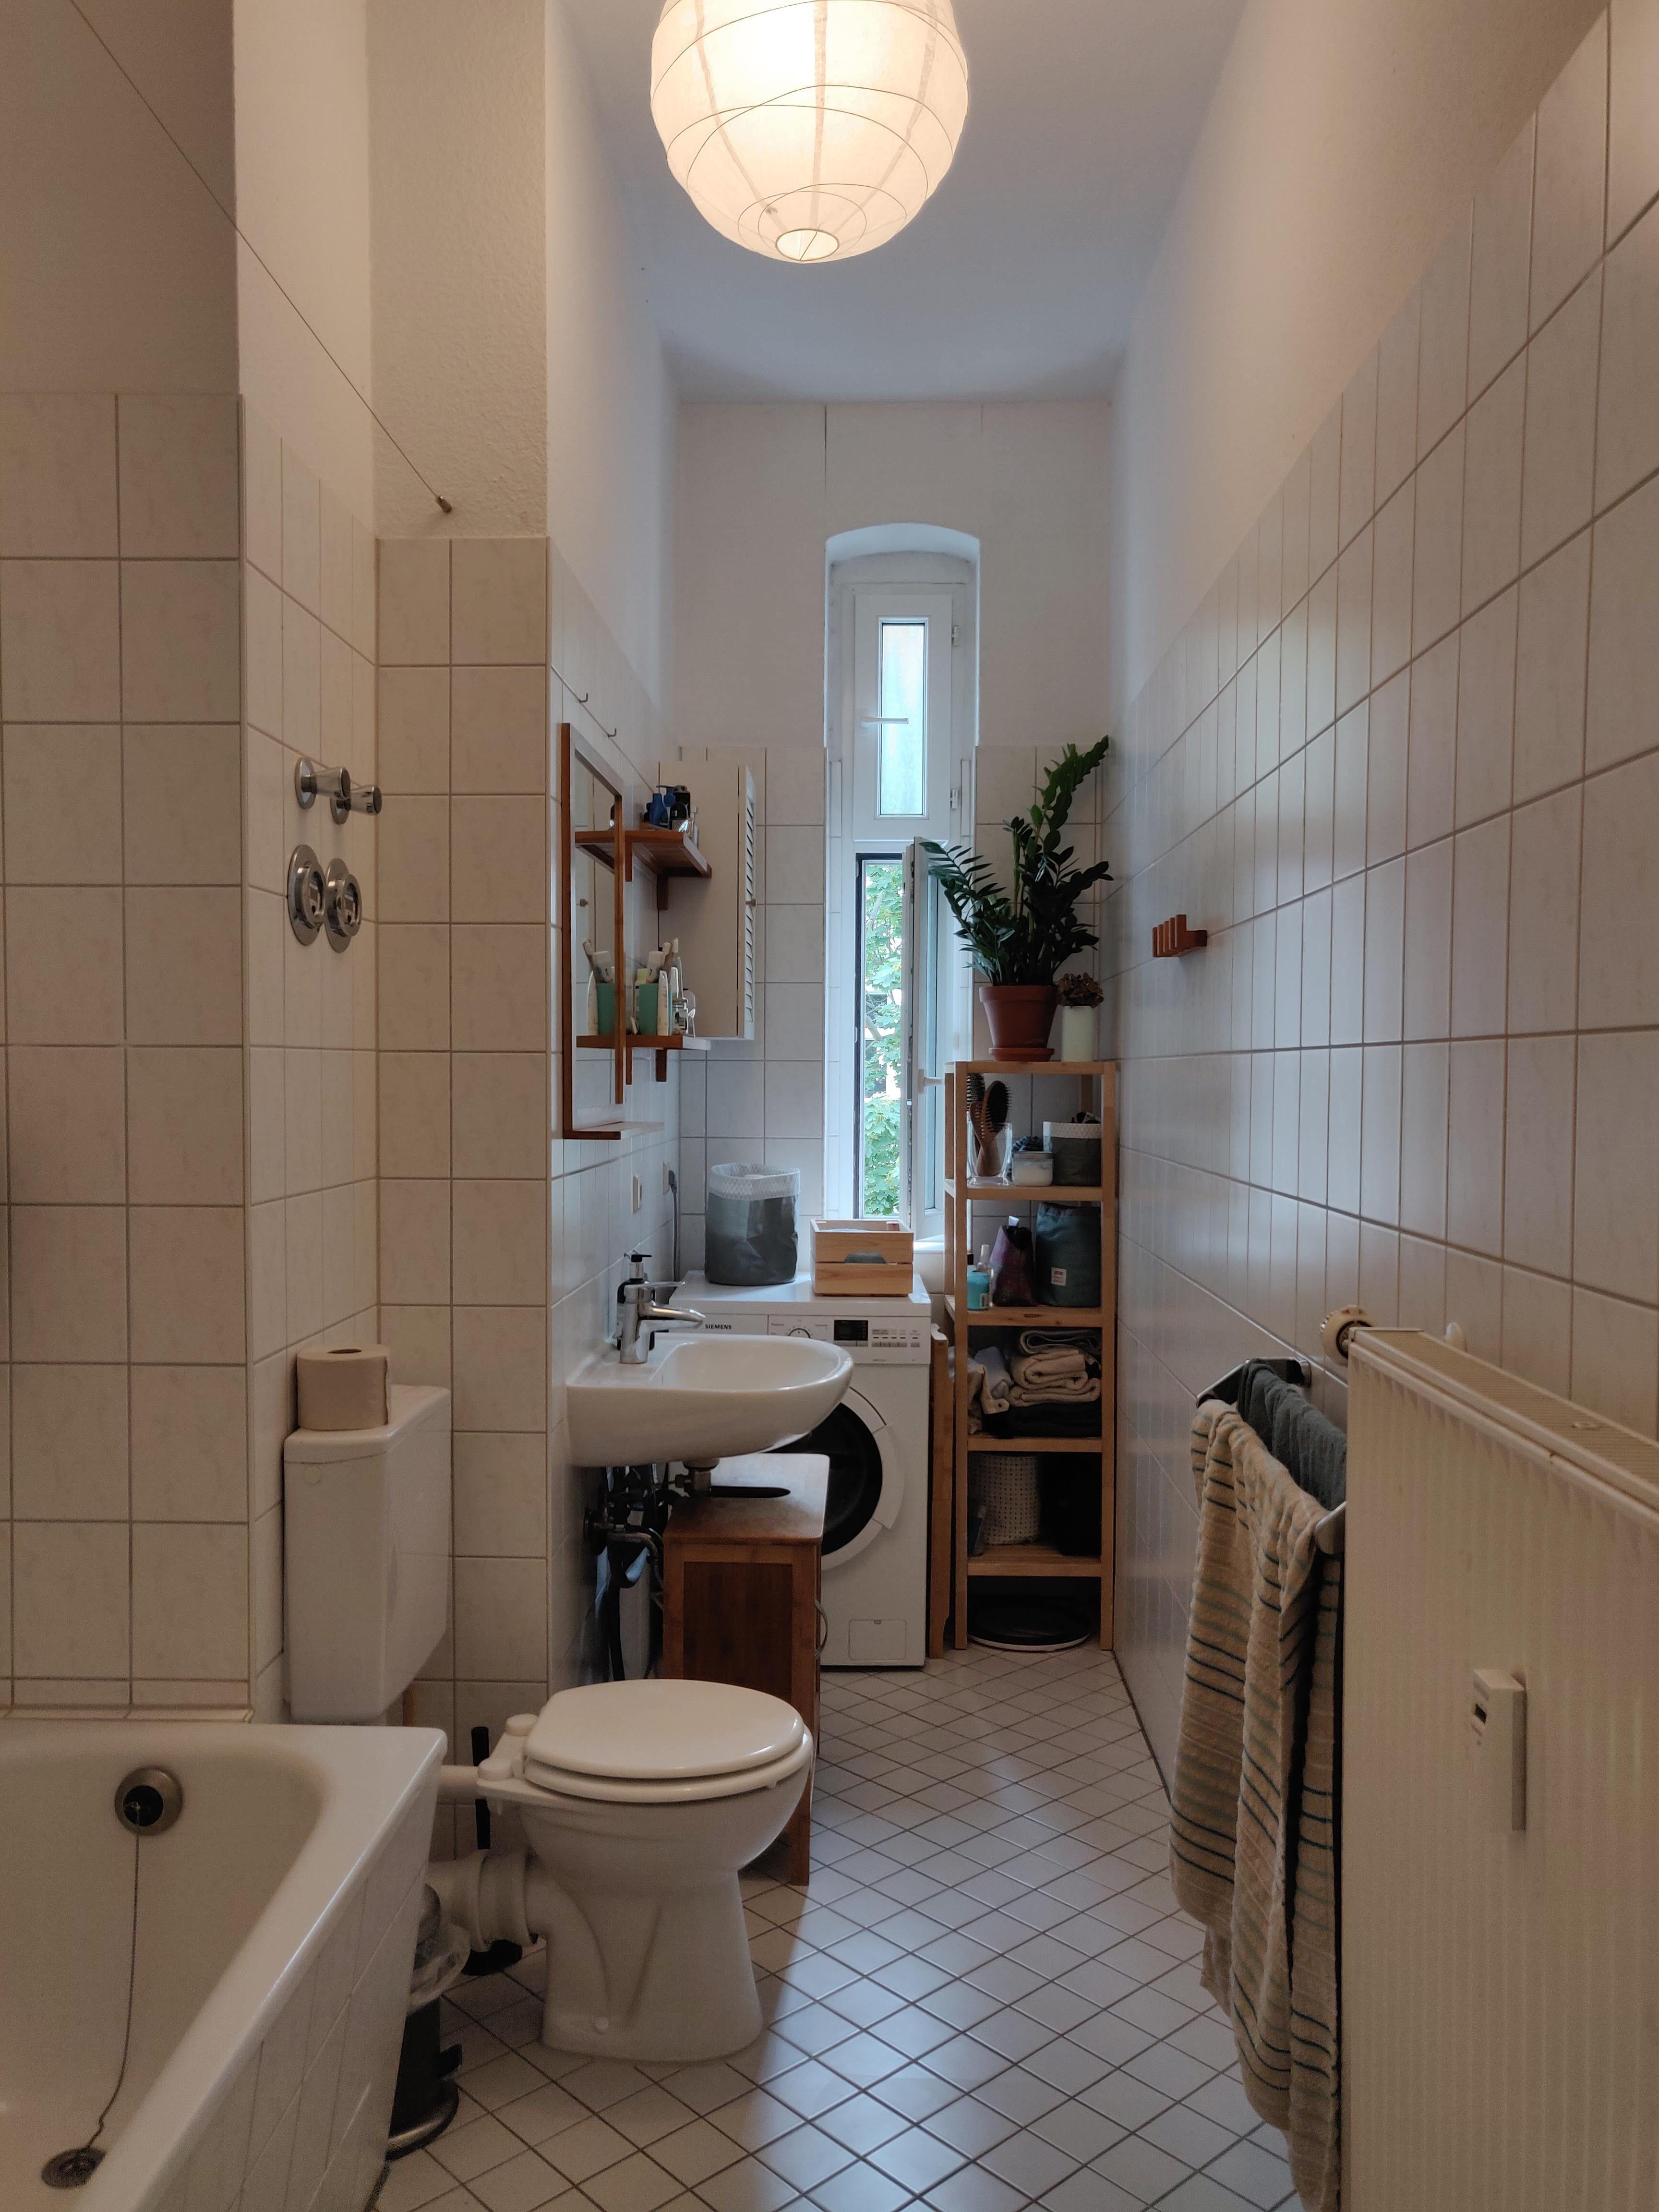 Langes Schones Tageslichtbadezimmer Schone Badezimmer Haus Badezimmer